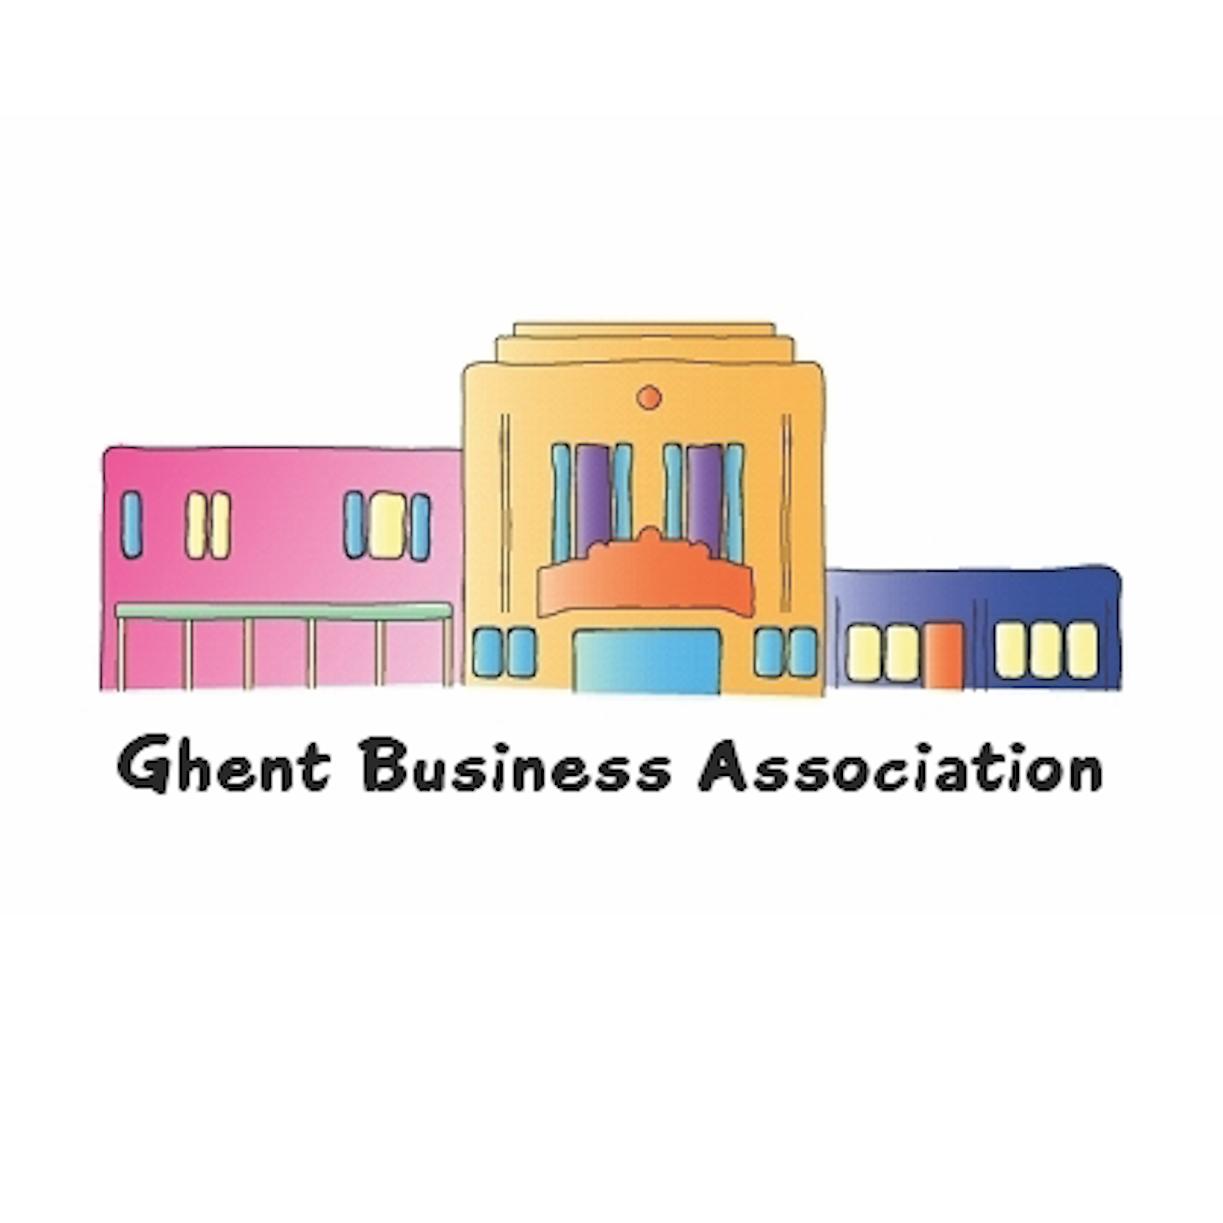 Ghent Business Association